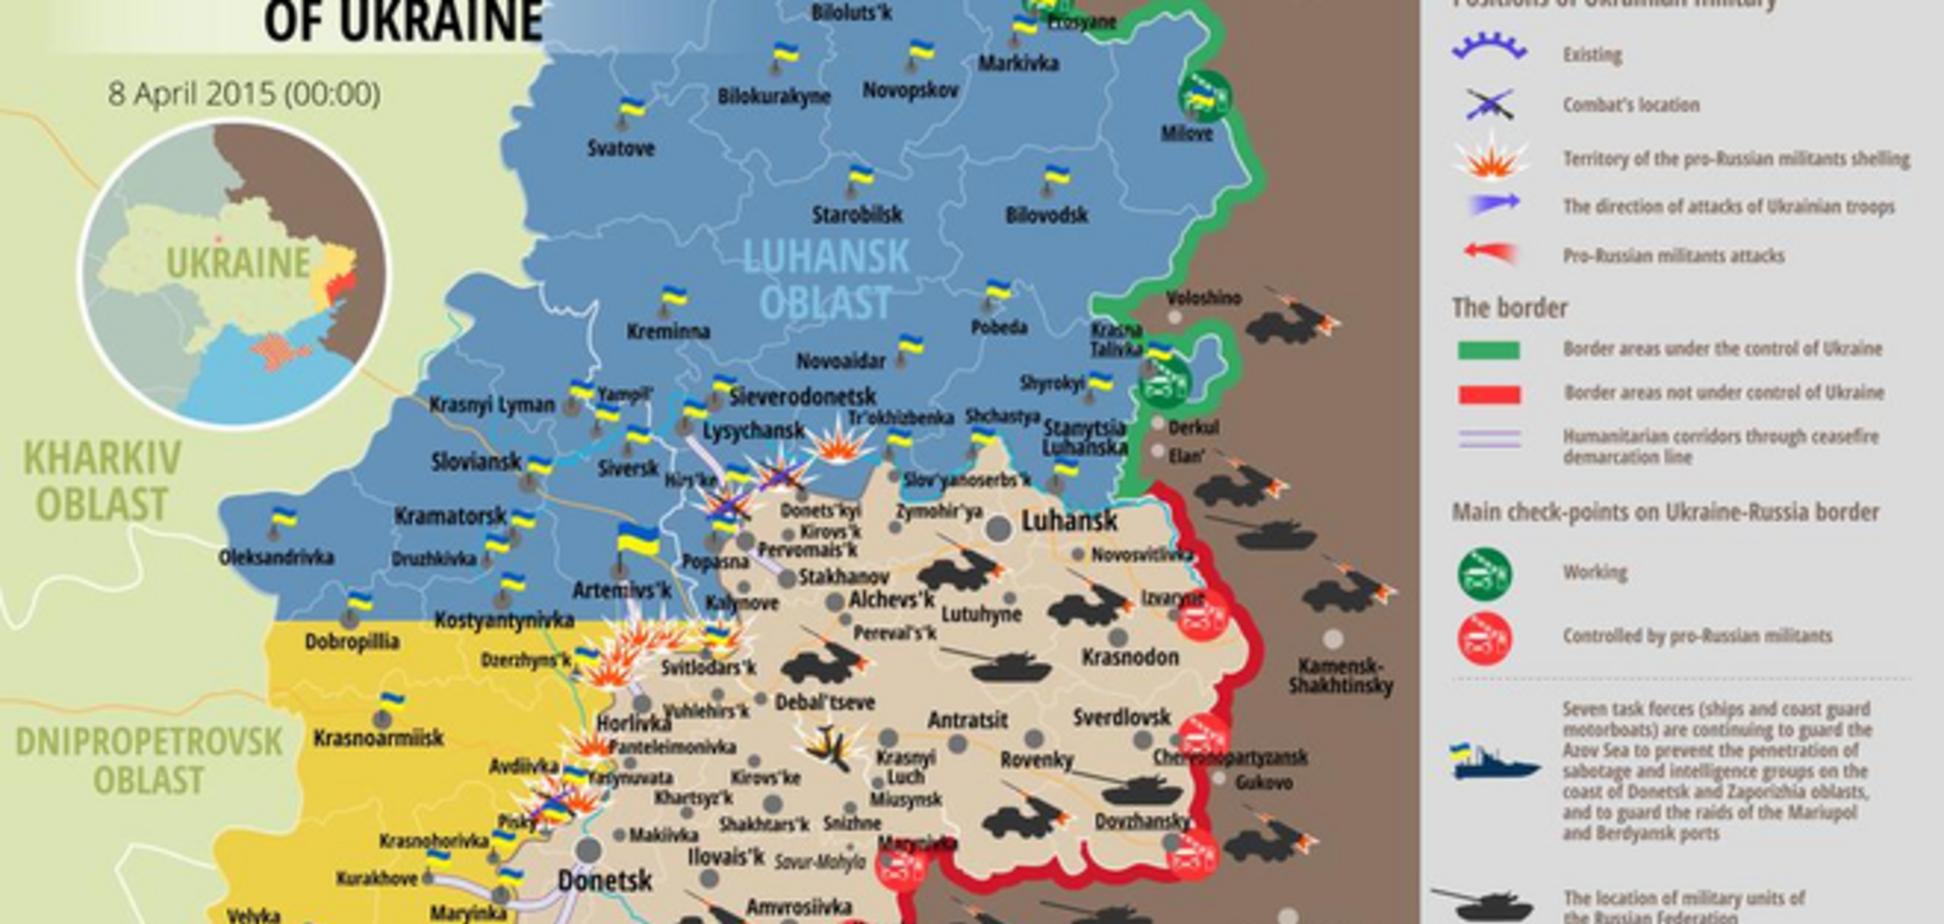 Опублікована актуальна мапа АТО - 8 квітня 2015